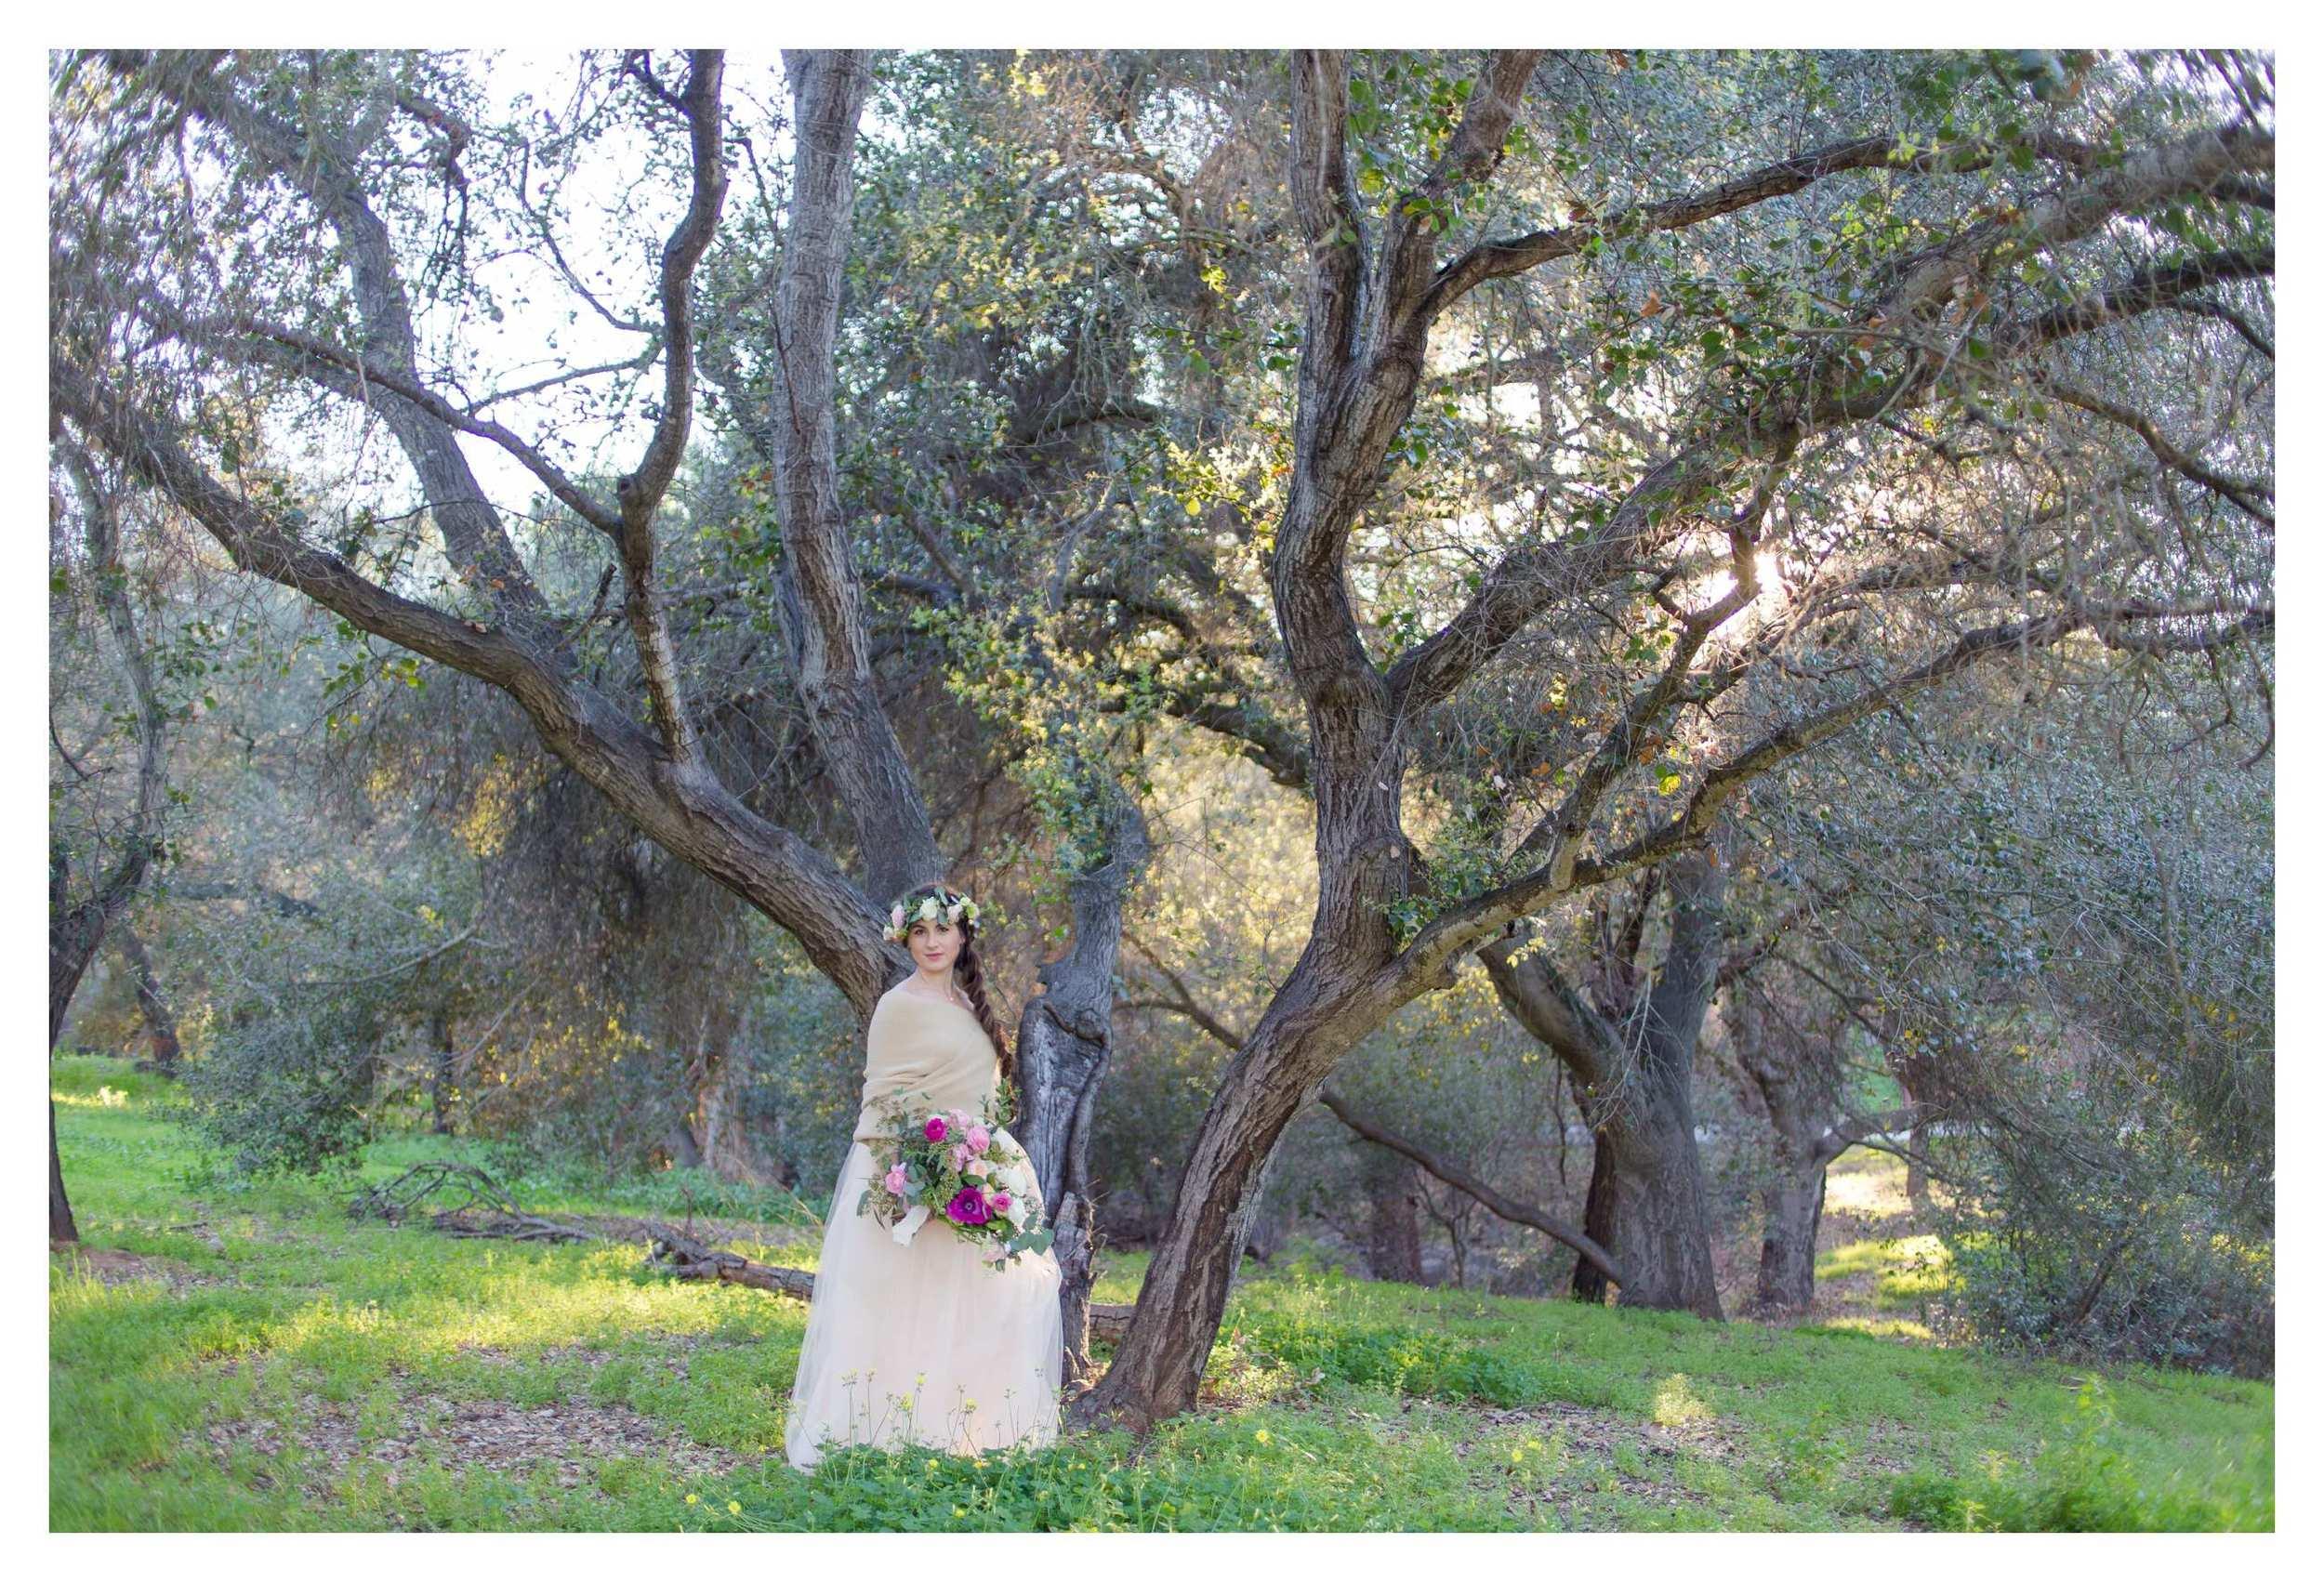 Shabby Apple Tulle Skirt Photo Session in Escondido-8740.jpg